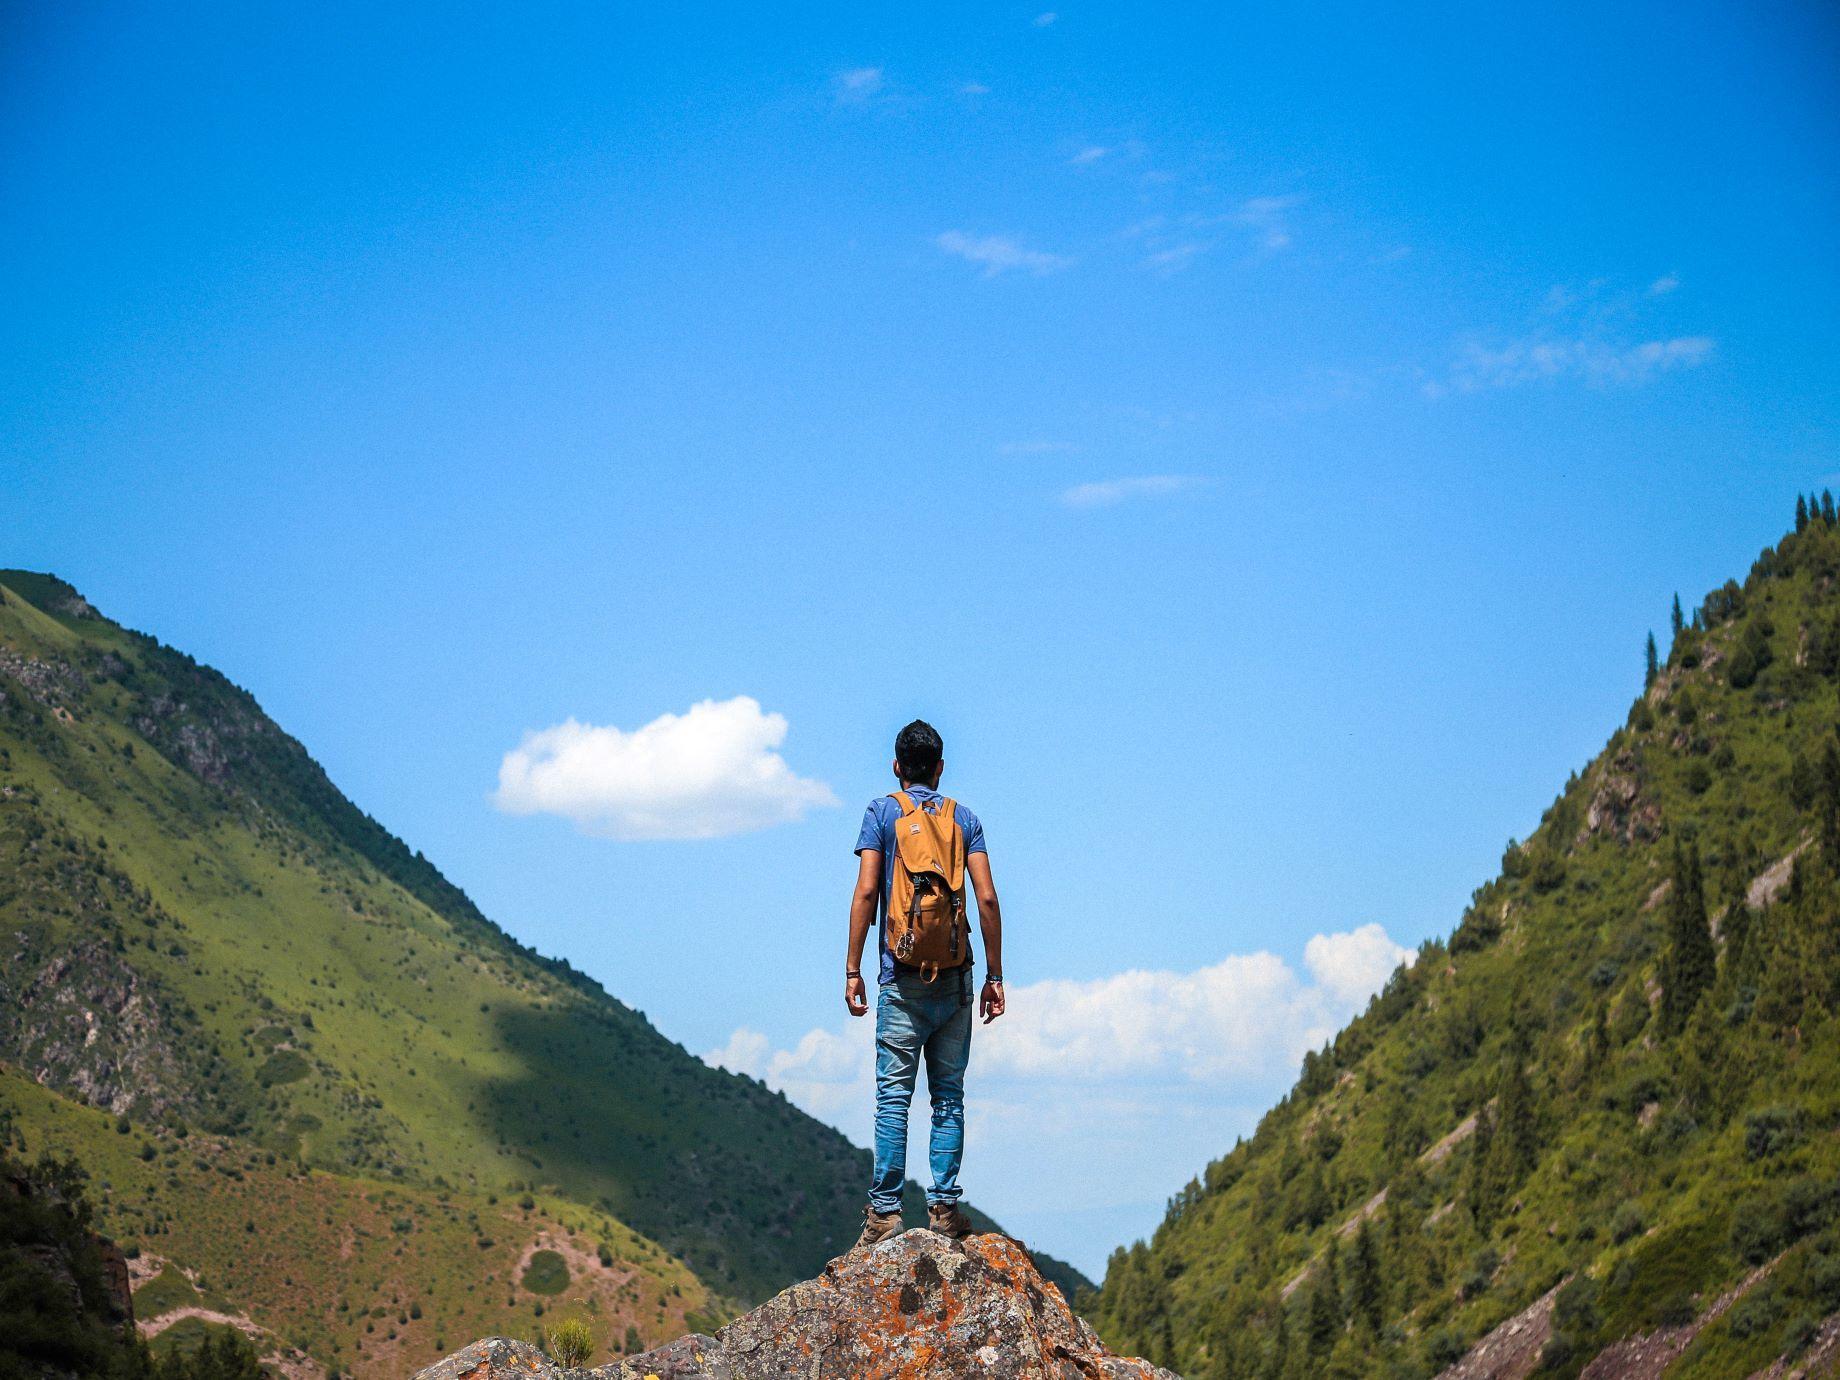 有了財富、名望,然後呢?跳脫世俗價值,為自己做出「承諾」,在第二座山活出人生新意義!